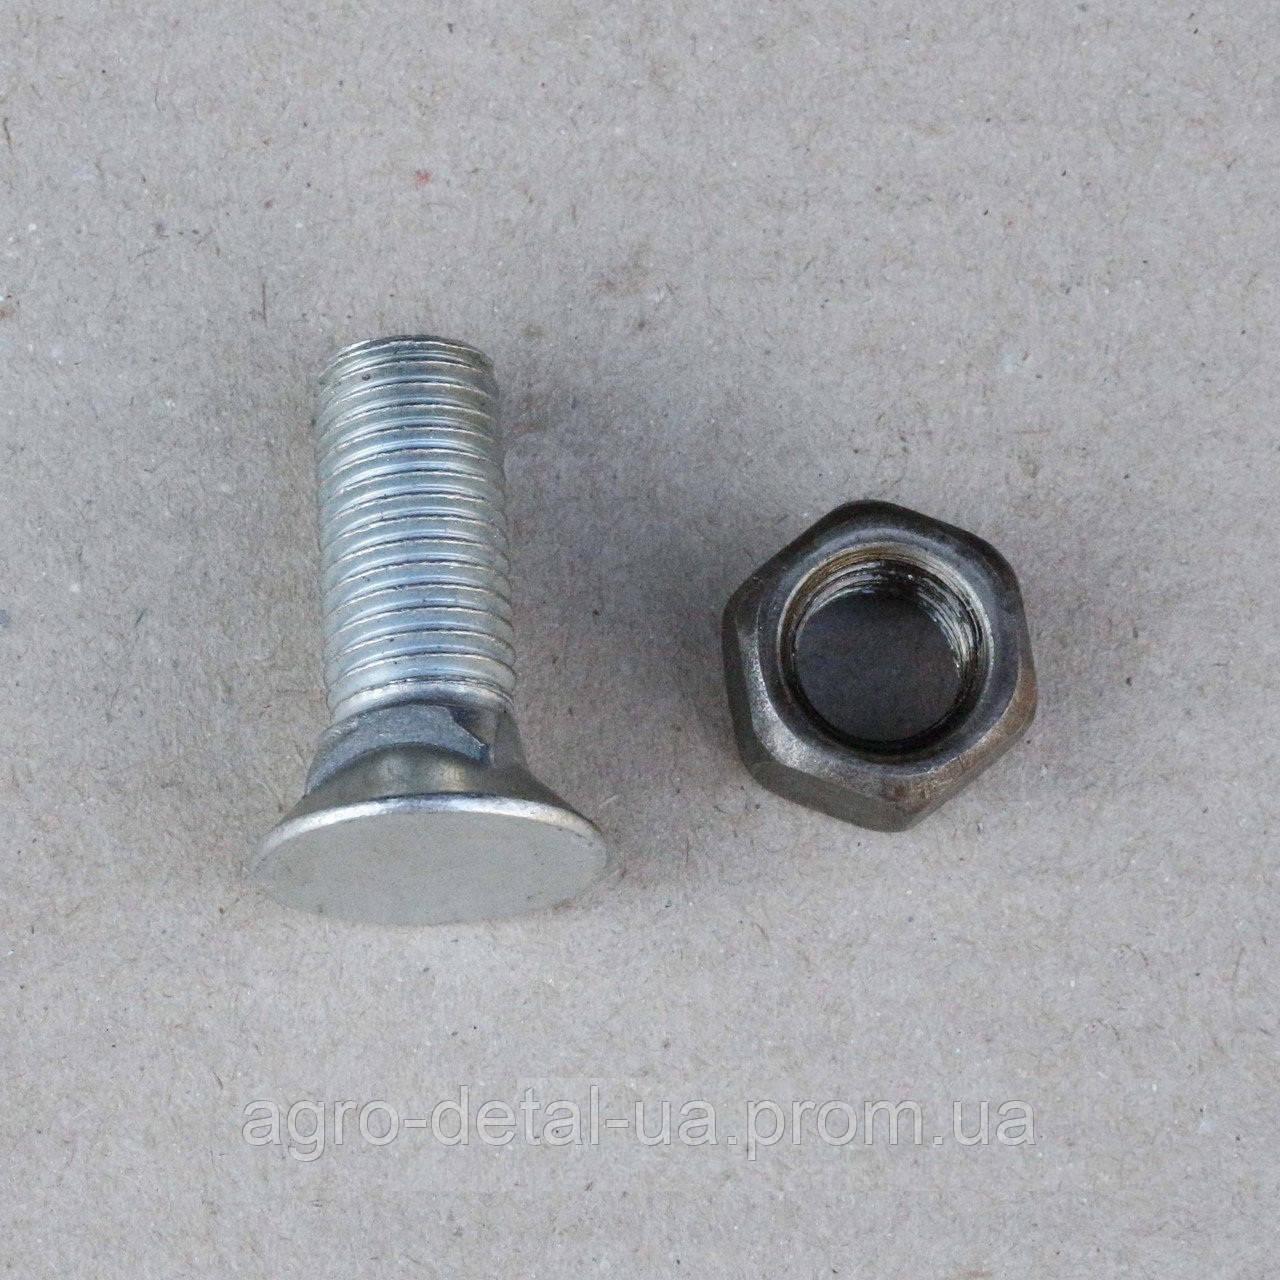 Болт М16х45 крепления переднего ножа ДЗ-425.01.02.03 отвала с квадратной подголовкой трактора ДТ-75,Т-150,Т151